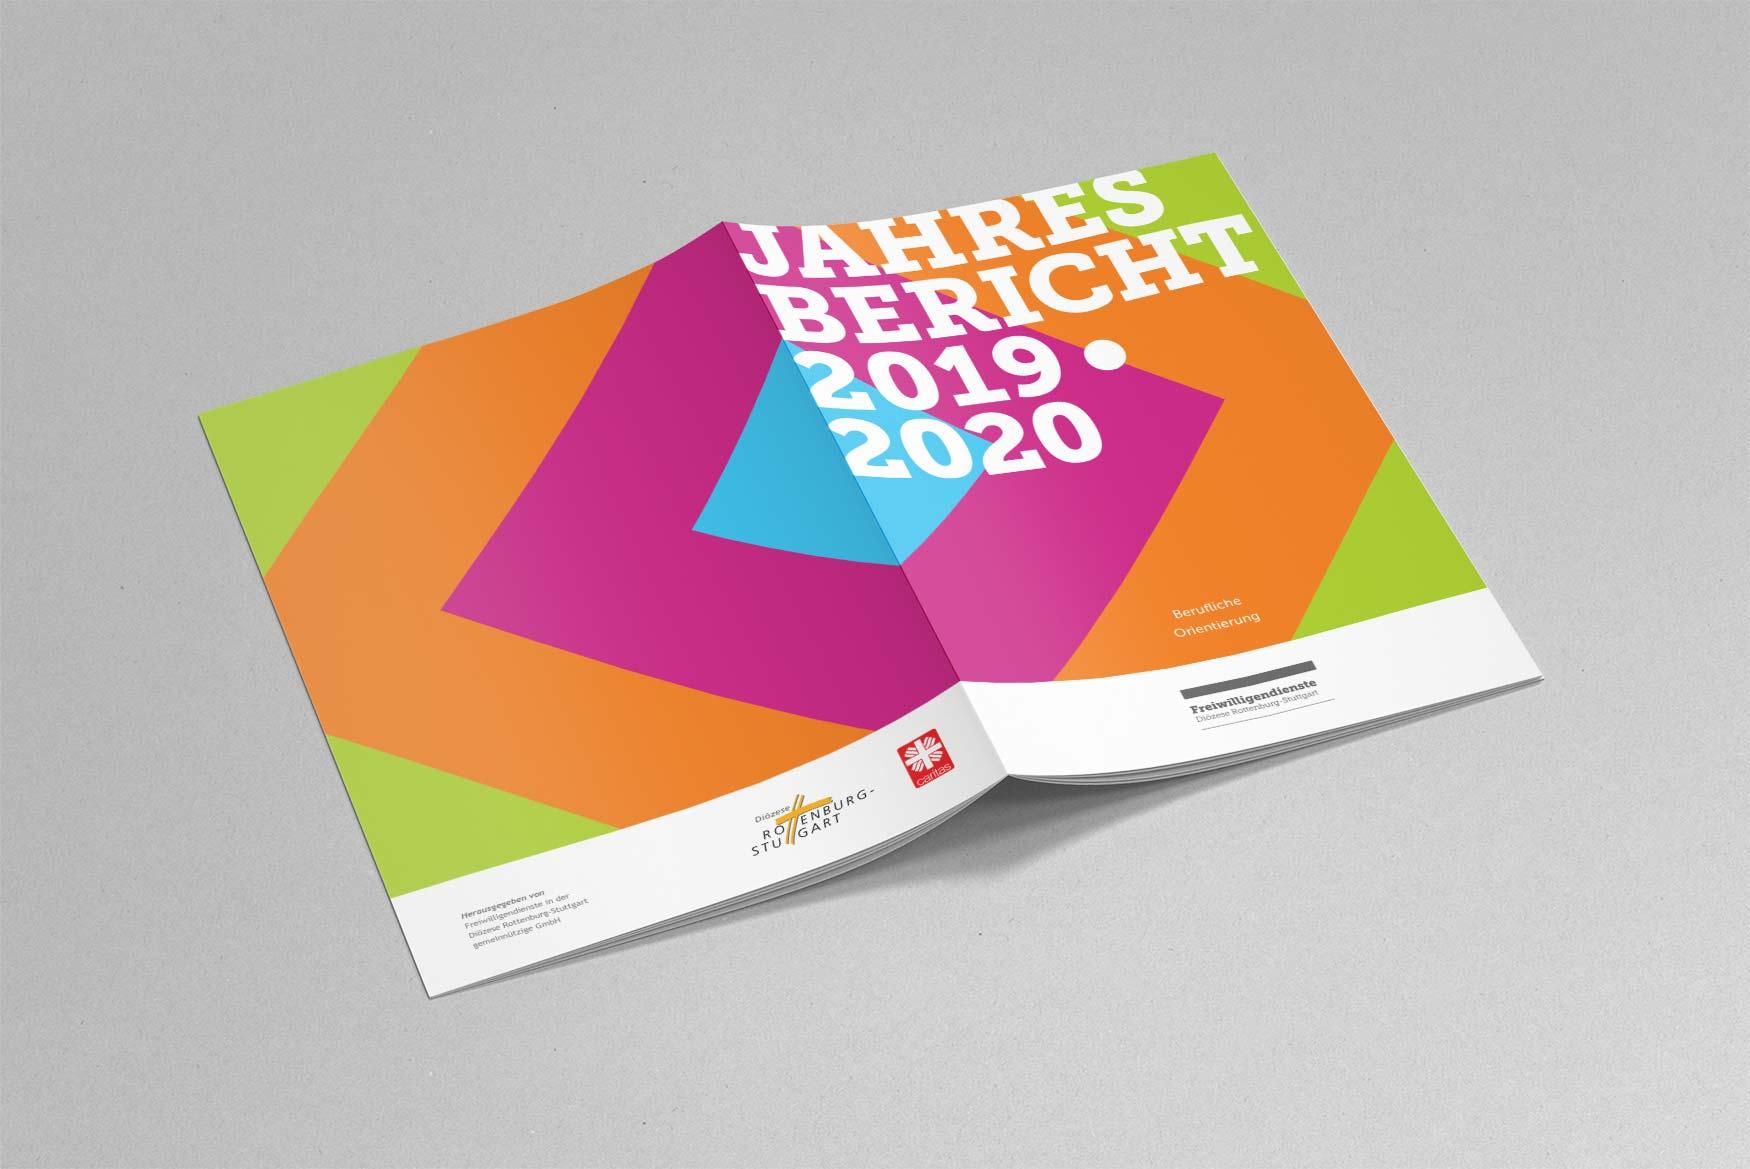 Jahresbericht-FRS-1-Designagentur-Stuttgart-Kreativbetrieb